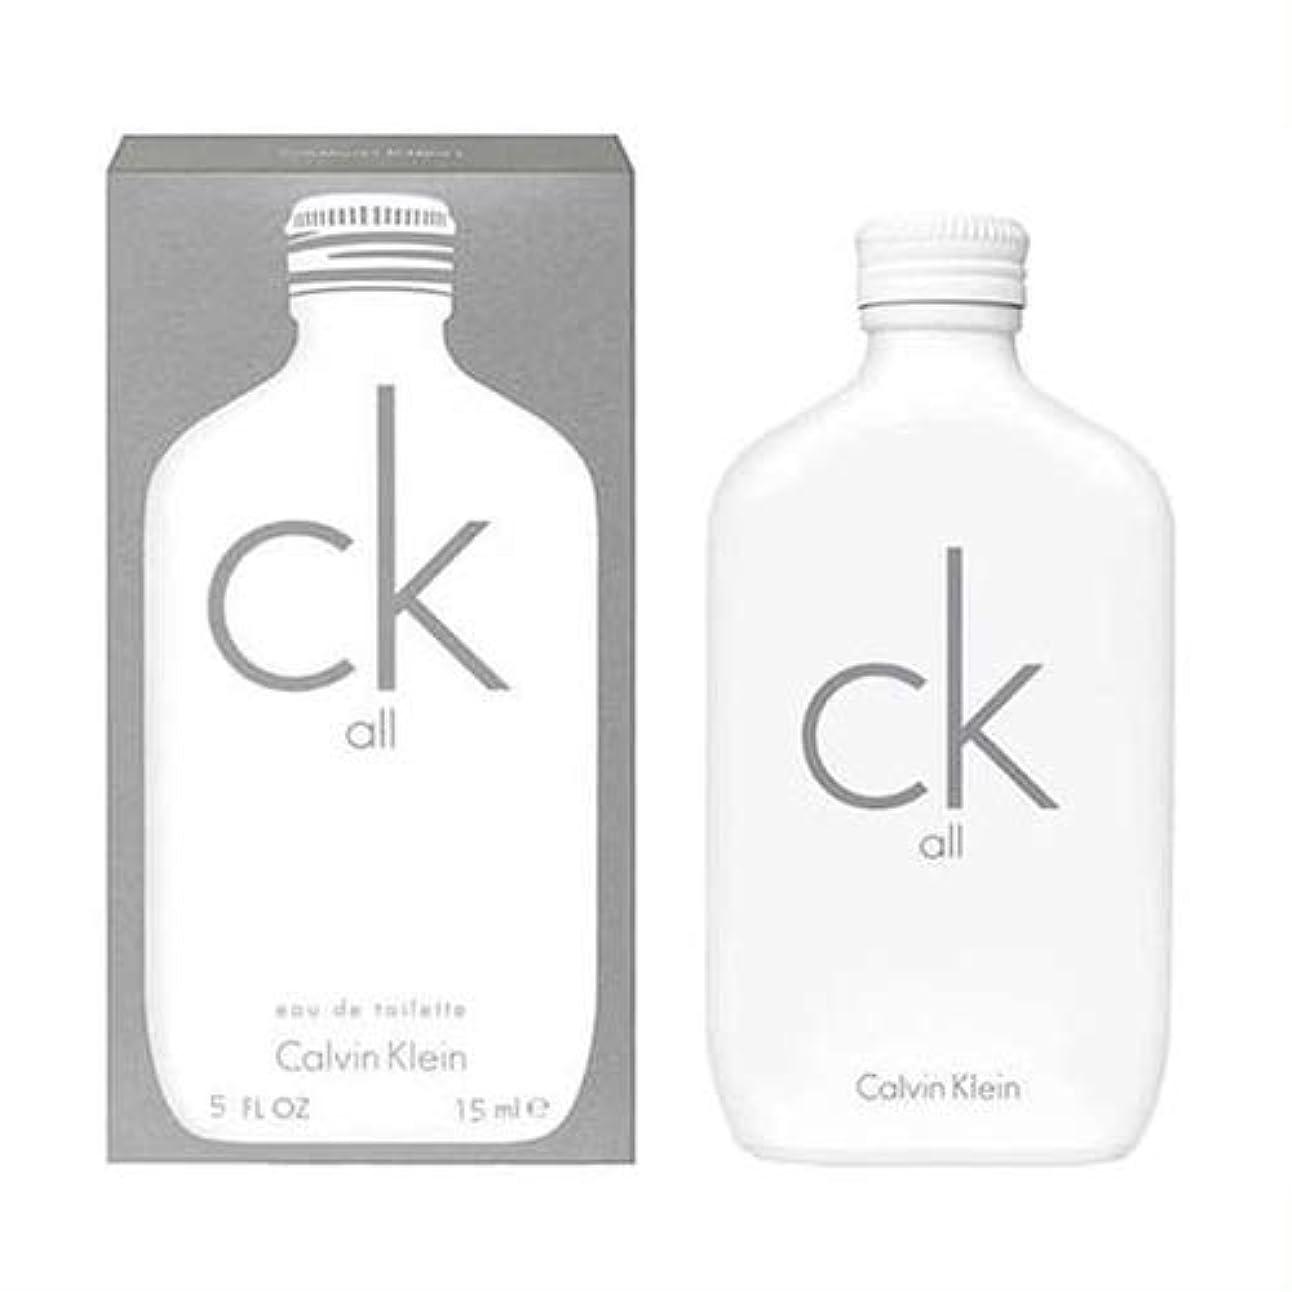 グロー評決水曜日CK カルバンクライン シーケーオール EDT ボトル 15ml ミニ香水 CALVIN KLEIN [並行輸入品]